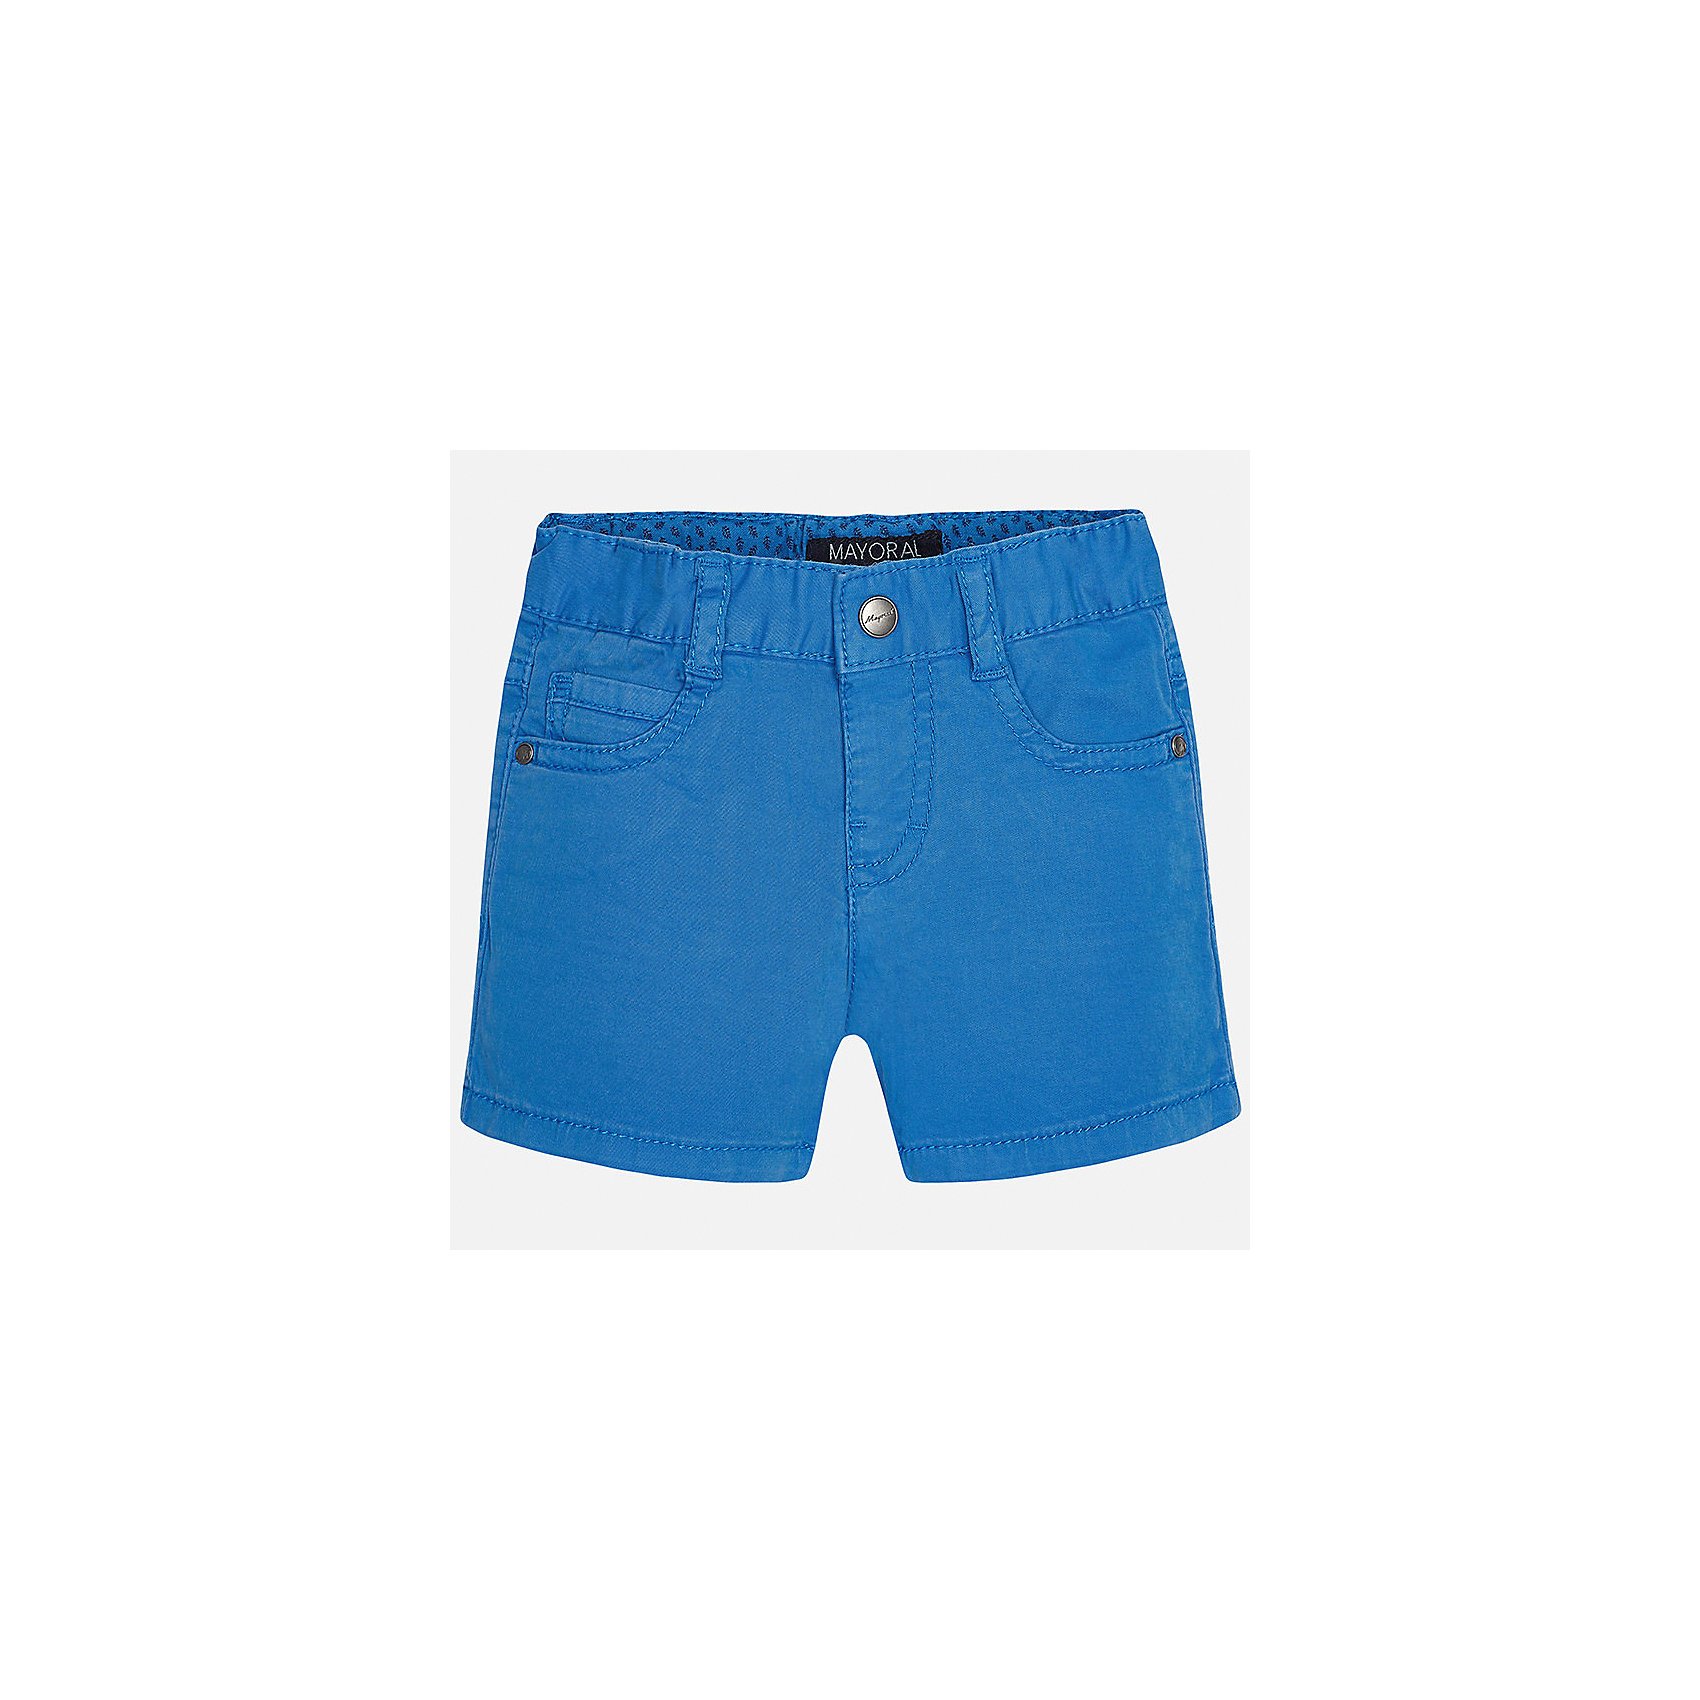 Шорты для мальчика MayoralШорты и бриджи<br>Характеристики товара:<br><br>• цвет: голубой<br>• состав: 98% хлопок, 2% эластан<br>• застежка: пуговица<br>• шлевки<br>• карманы<br>• пояс с регулировкой объема<br>• классический силуэт<br>• страна бренда: Испания<br><br>Модные шорты для мальчика смогут стать базовой вещью в гардеробе ребенка. Они отлично сочетаются с майками, футболками, рубашками и т.д. Универсальный крой и цвет позволяет подобрать к вещи верх разных расцветок. Практичное и стильное изделие! В составе материала - натуральный хлопок, гипоаллергенный, приятный на ощупь, дышащий.<br><br>Одежда, обувь и аксессуары от испанского бренда Mayoral полюбились детям и взрослым по всему миру. Модели этой марки - стильные и удобные. Для их производства используются только безопасные, качественные материалы и фурнитура. Порадуйте ребенка модными и красивыми вещами от Mayoral! <br><br>Шорты для мальчика от испанского бренда Mayoral (Майорал) можно купить в нашем интернет-магазине.<br><br>Ширина мм: 191<br>Глубина мм: 10<br>Высота мм: 175<br>Вес г: 273<br>Цвет: синий<br>Возраст от месяцев: 12<br>Возраст до месяцев: 18<br>Пол: Мужской<br>Возраст: Детский<br>Размер: 86,80,92<br>SKU: 5277889